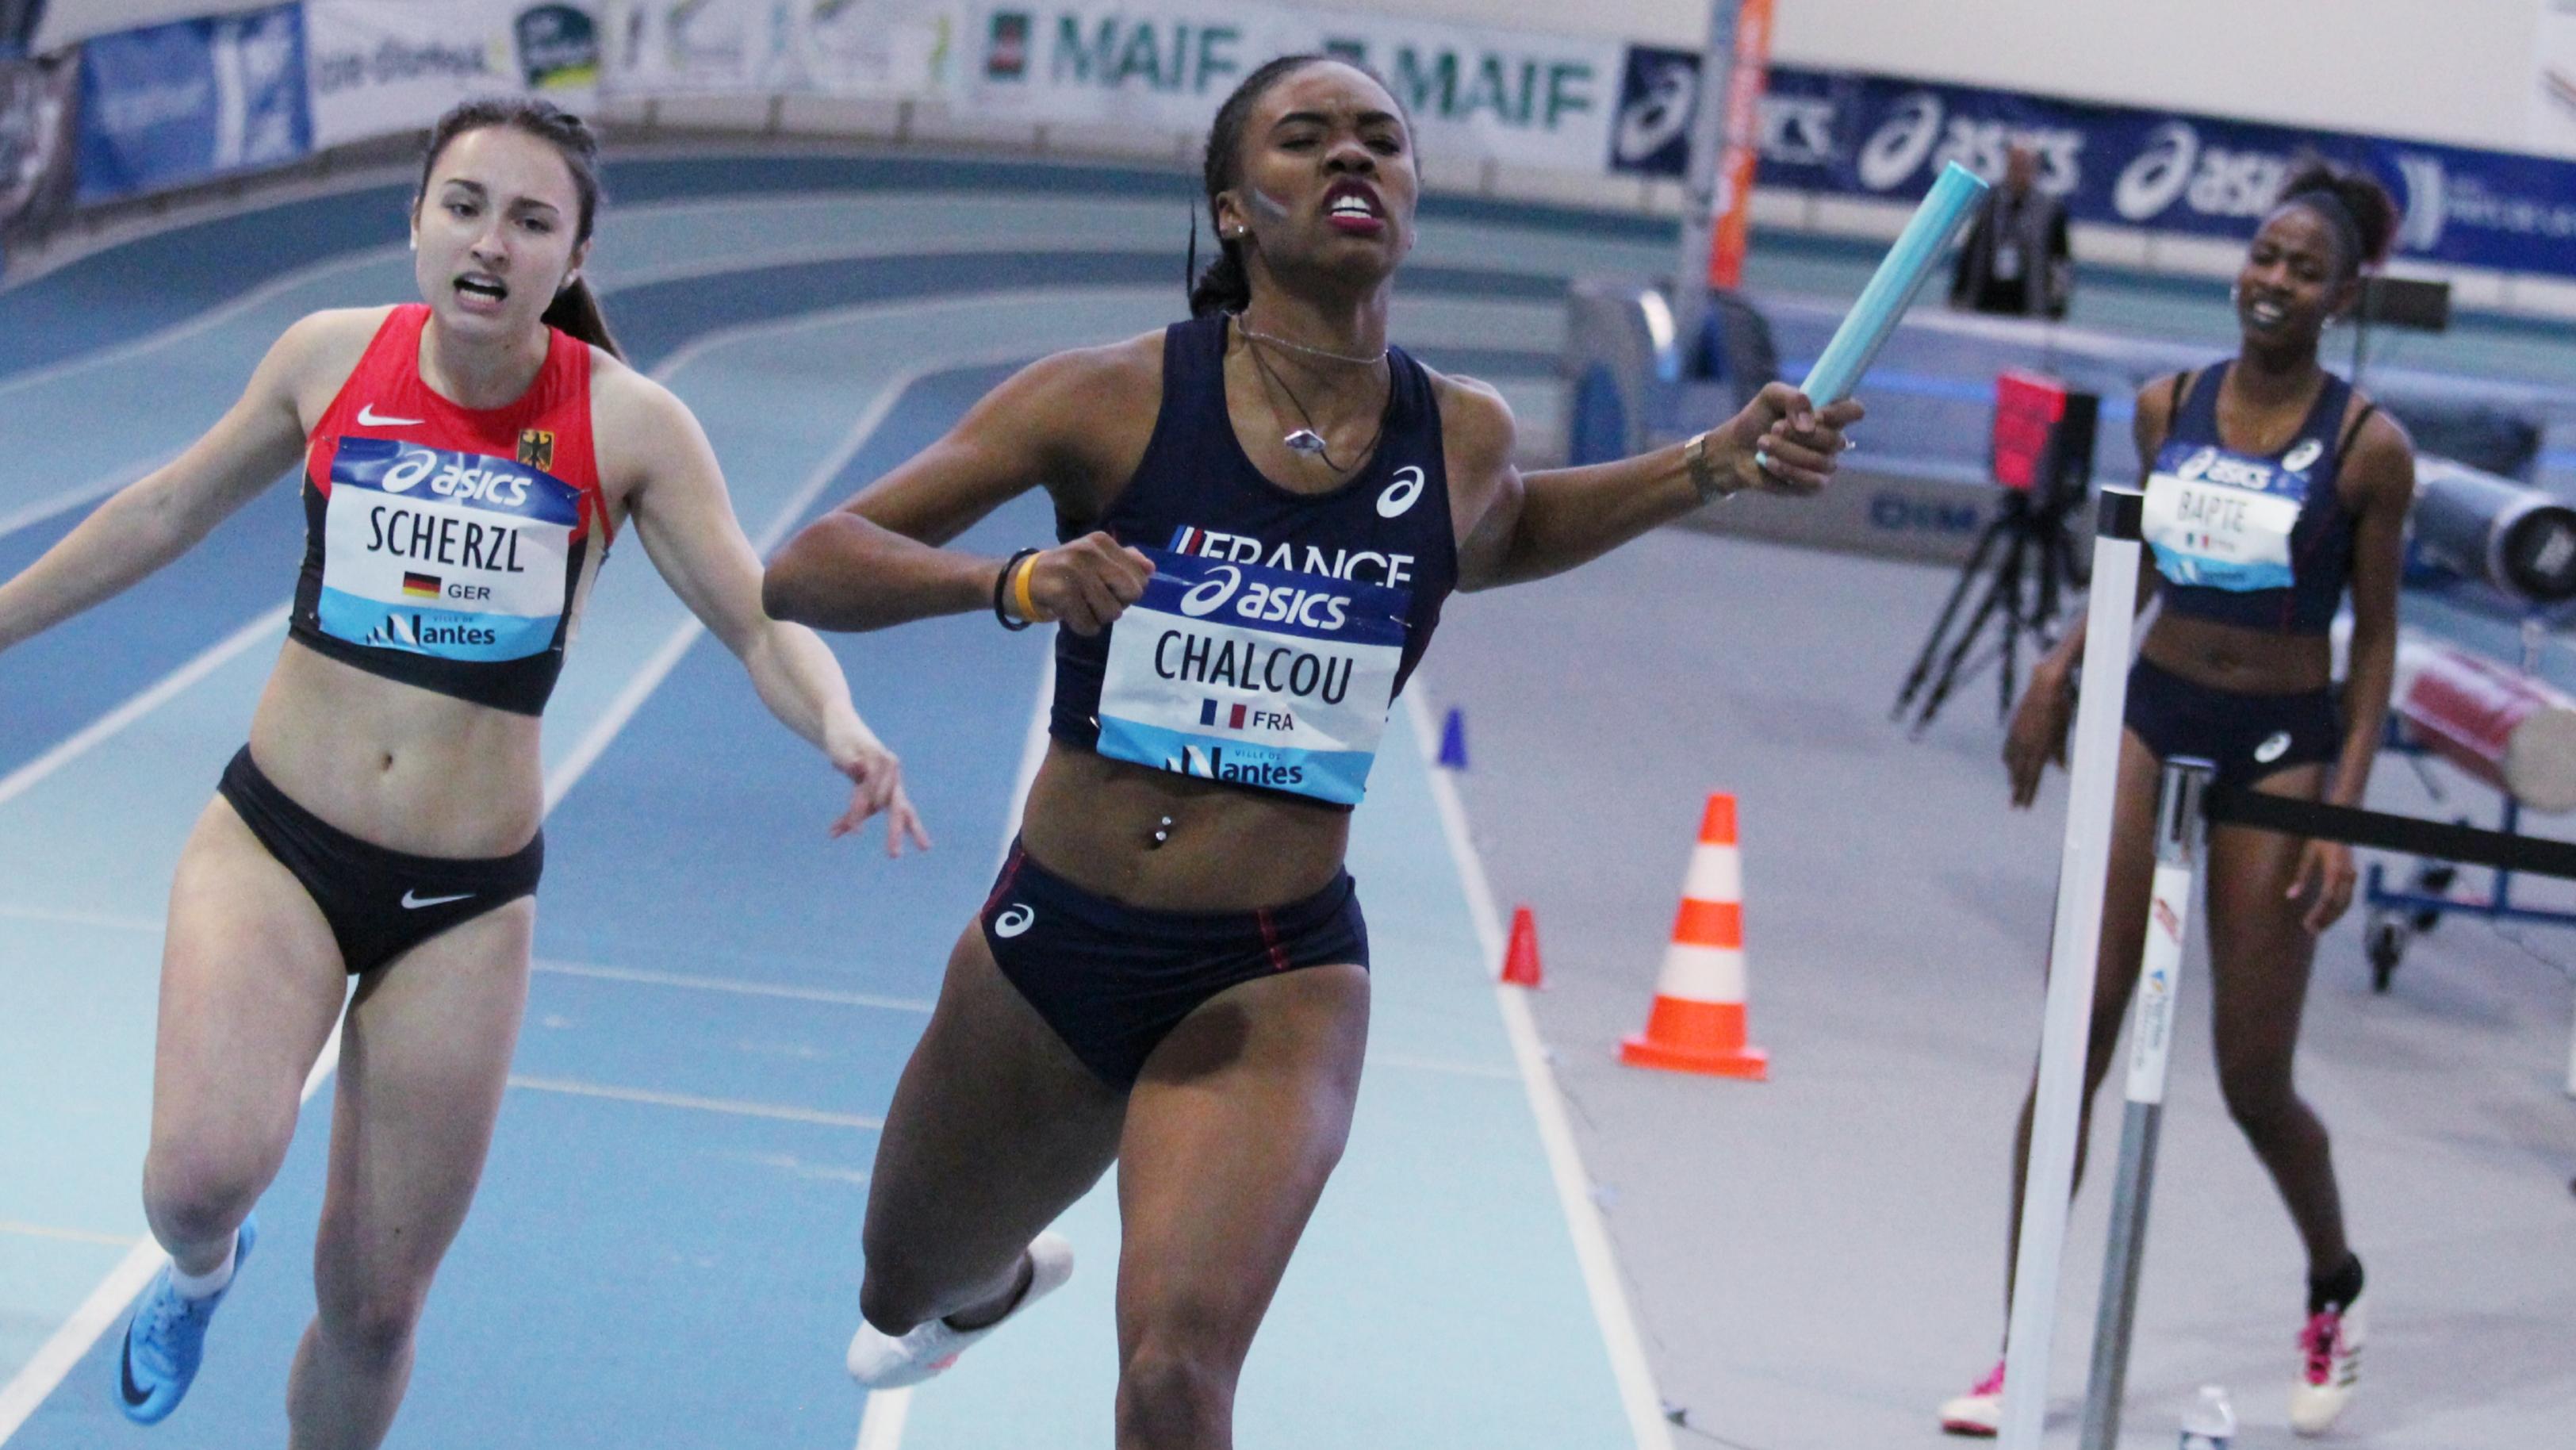 Championnats de France cadets-juniors en salle : La relève se prépare !